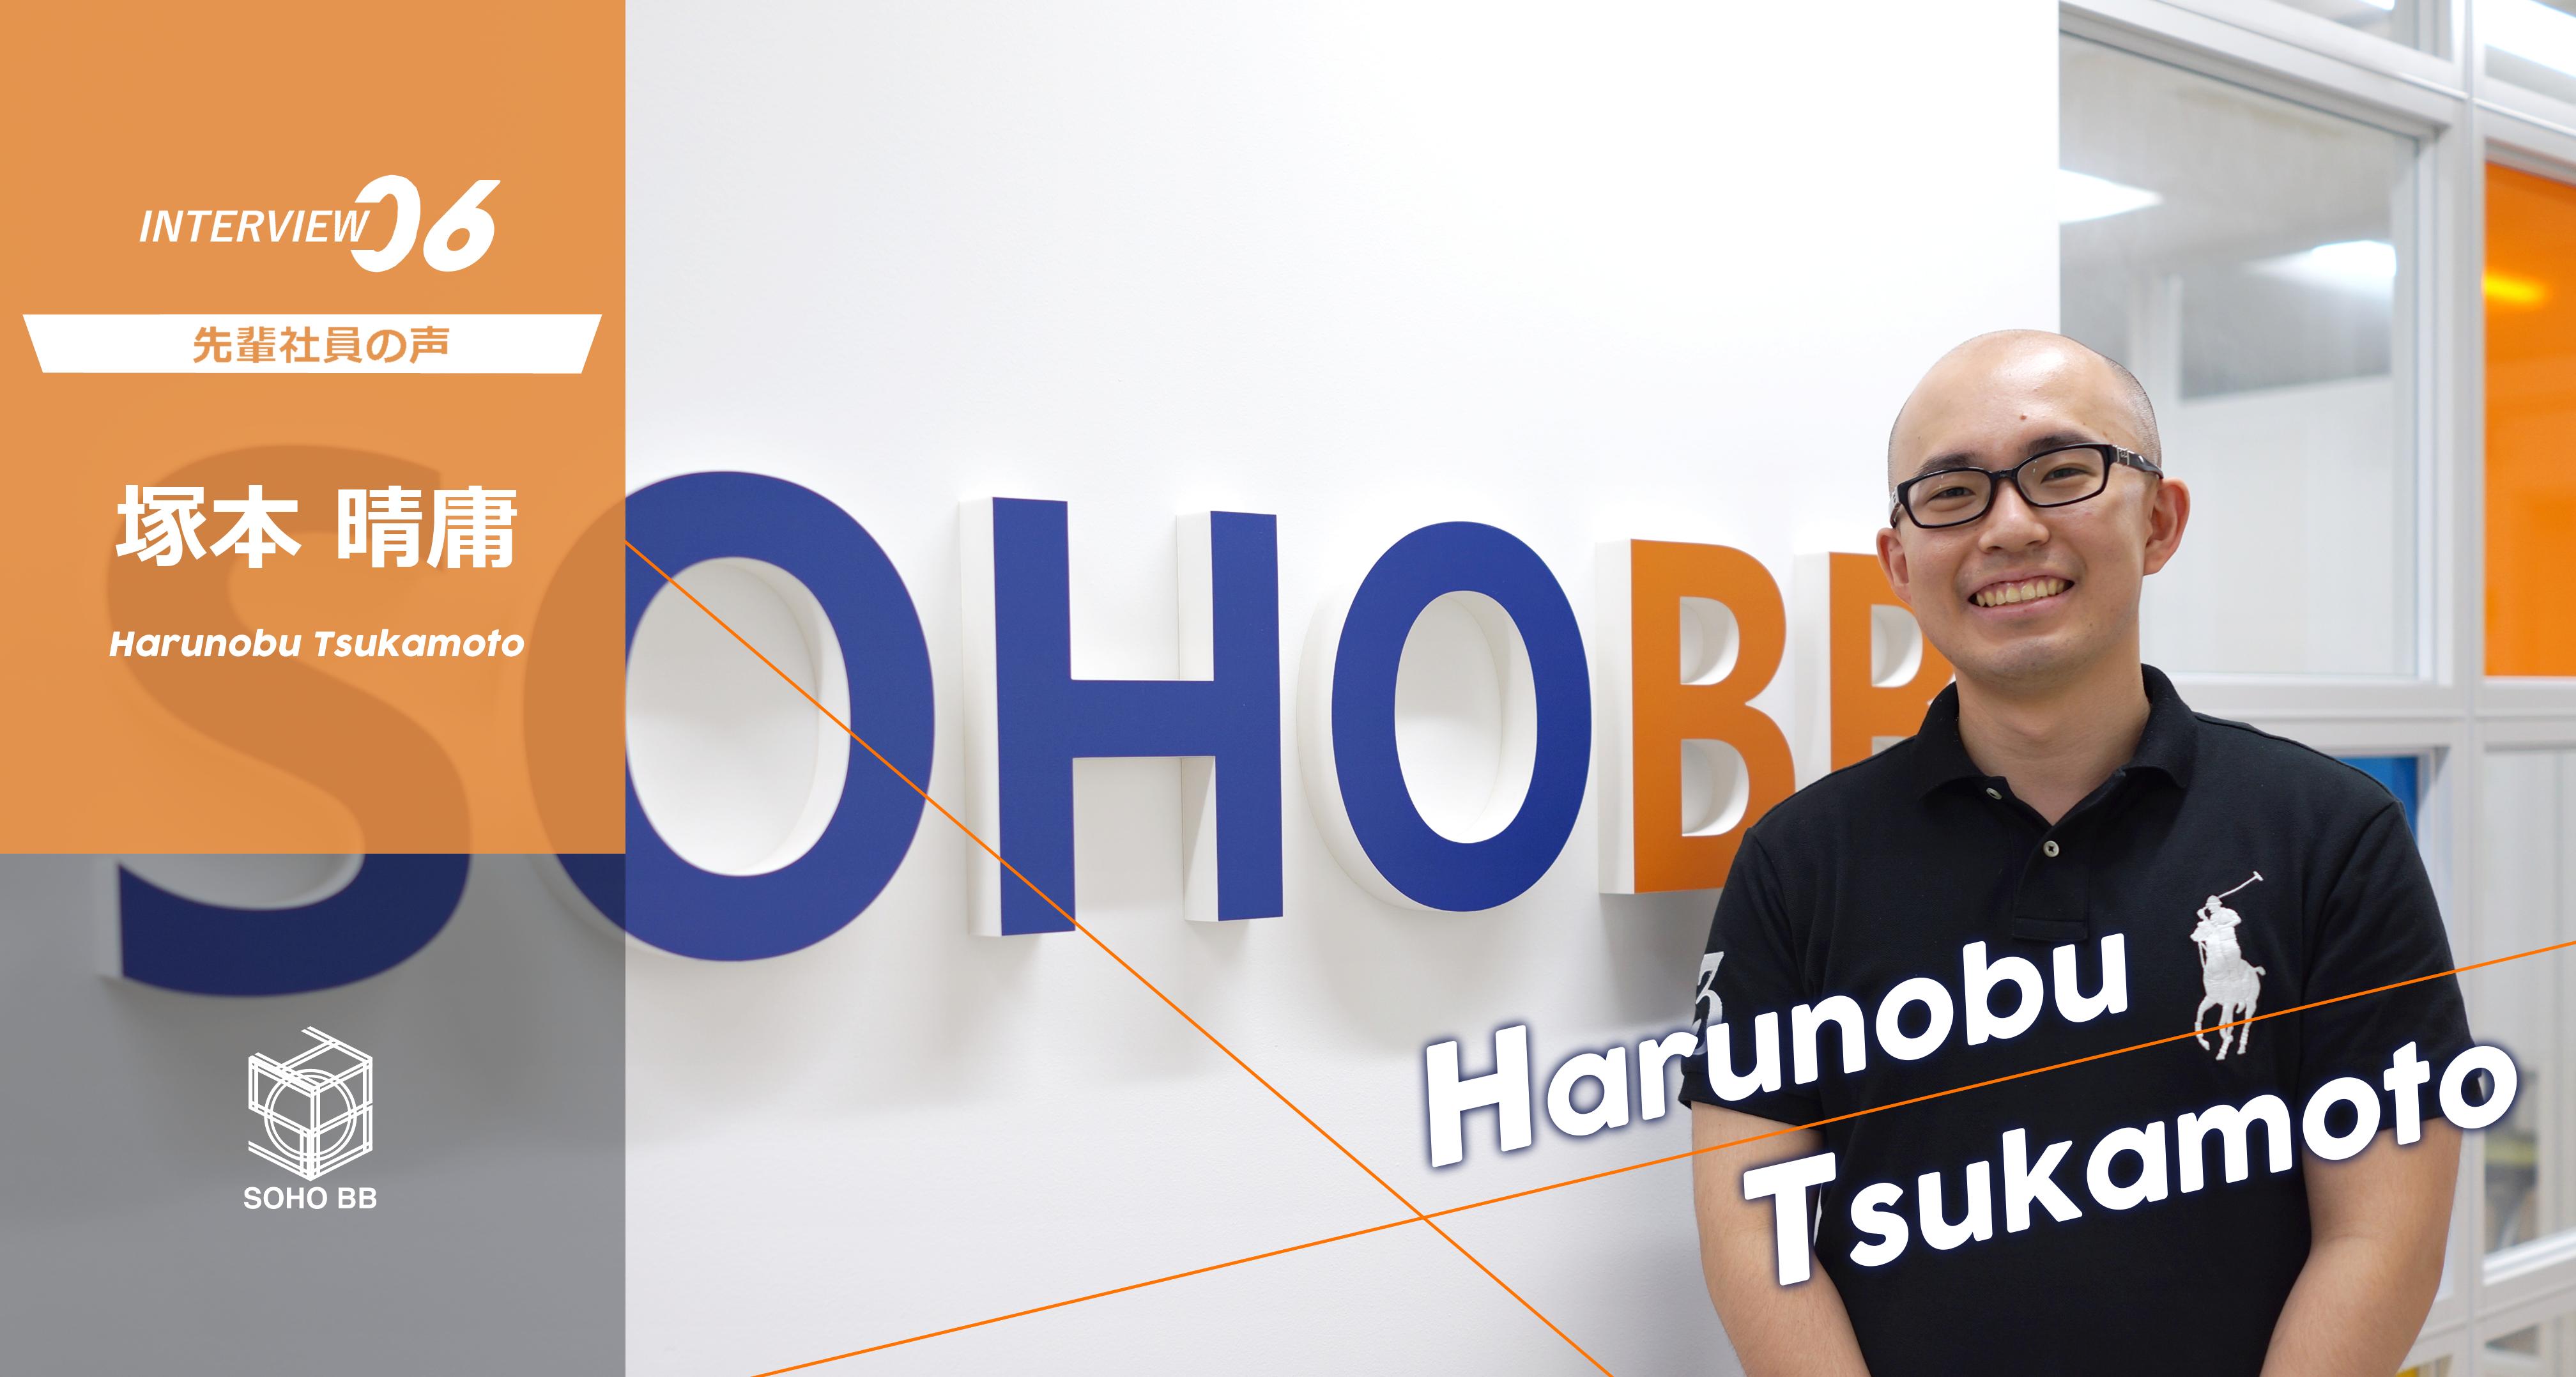 ソホビービー / 塚本 晴庸 / Harunobu Tsukamoto